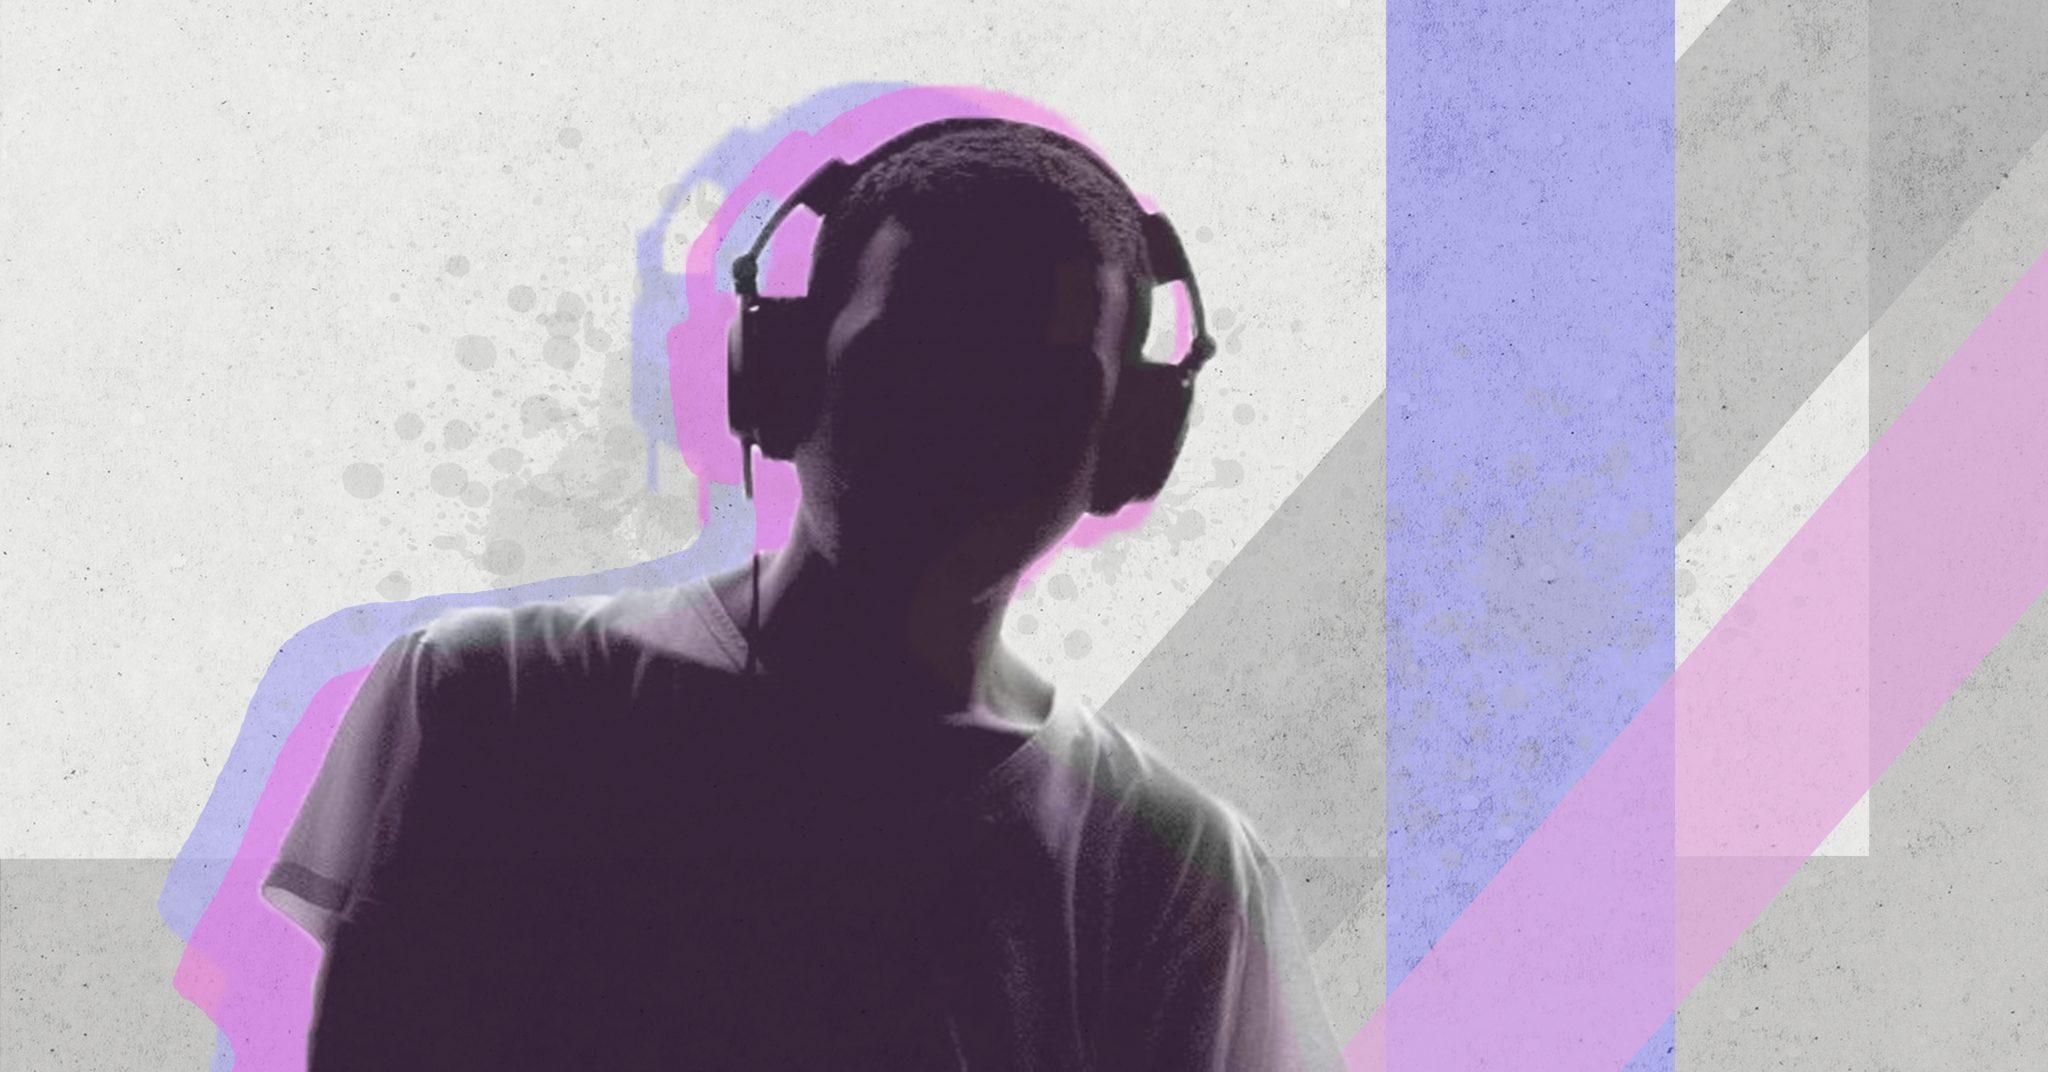 【科技x娛樂】降噪耳機帶你迅間遠離繁囂